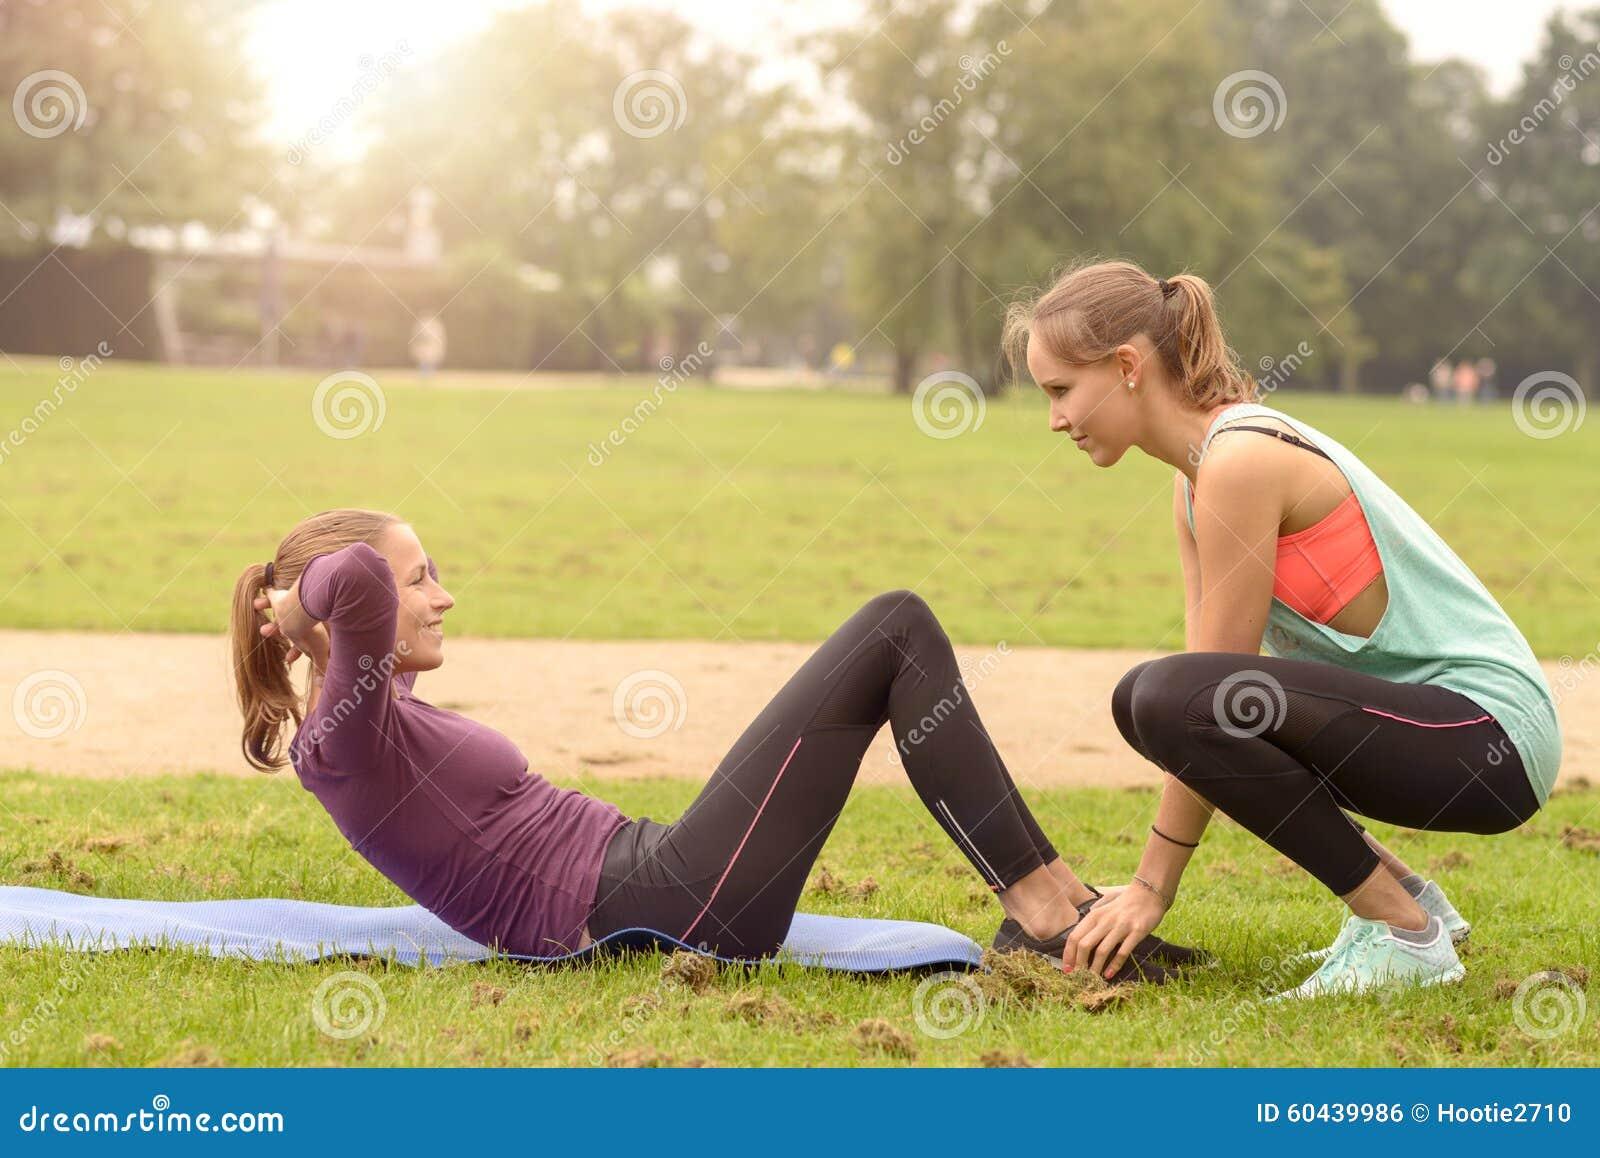 Gelukkige Vrouw die Krul op Oefening doen